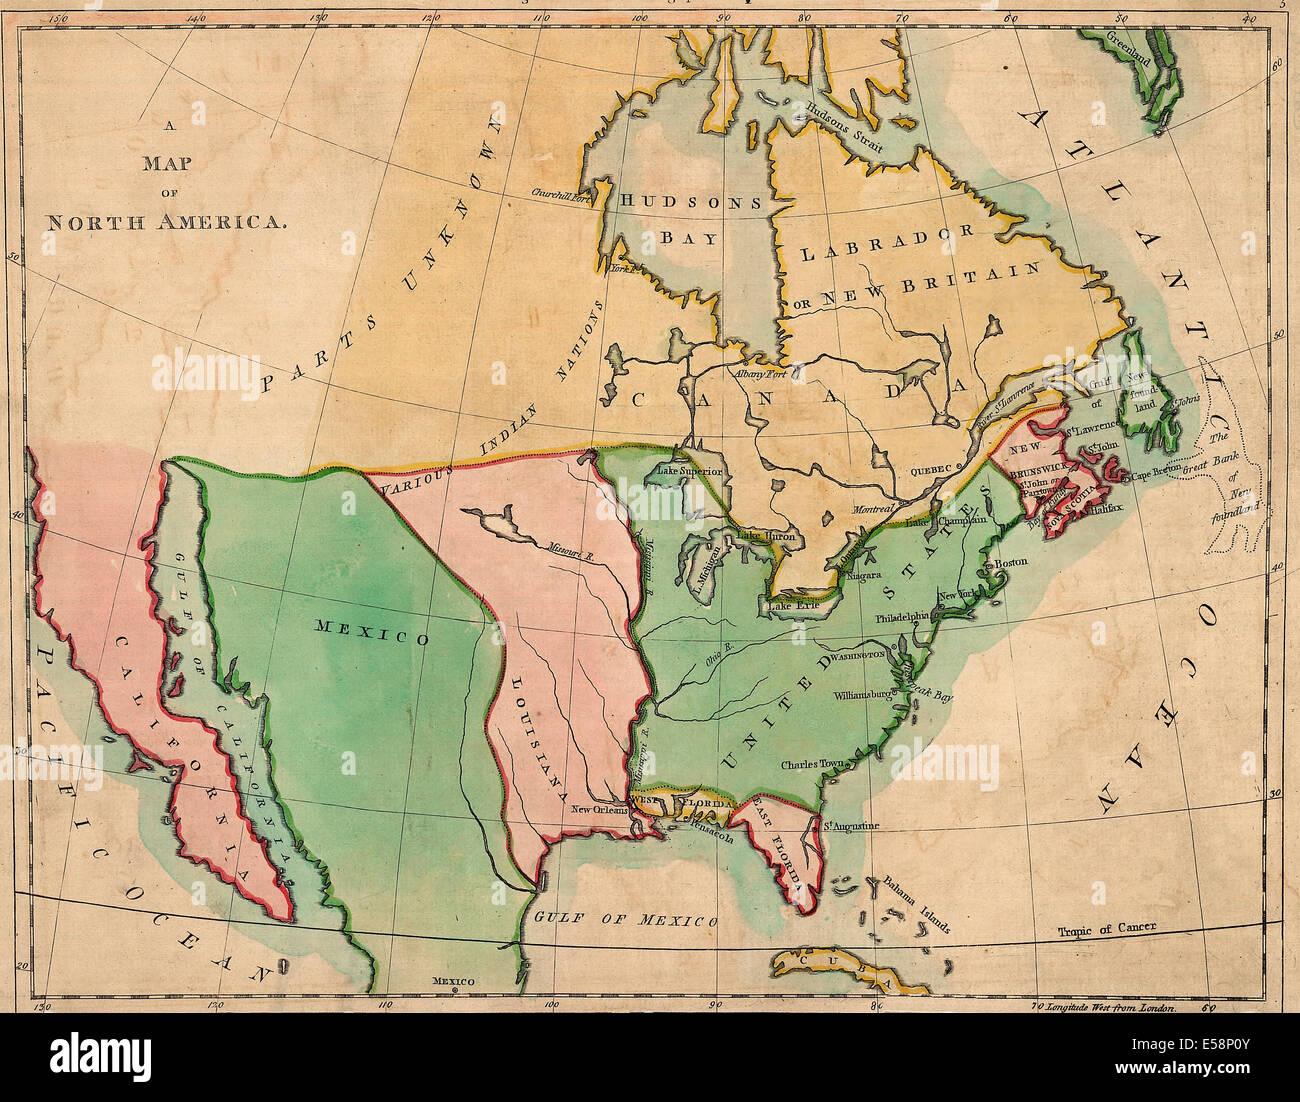 Una mappa del Nord America ; Profilo del Nord America, corrispondono alla mappa. 1803 Immagini Stock